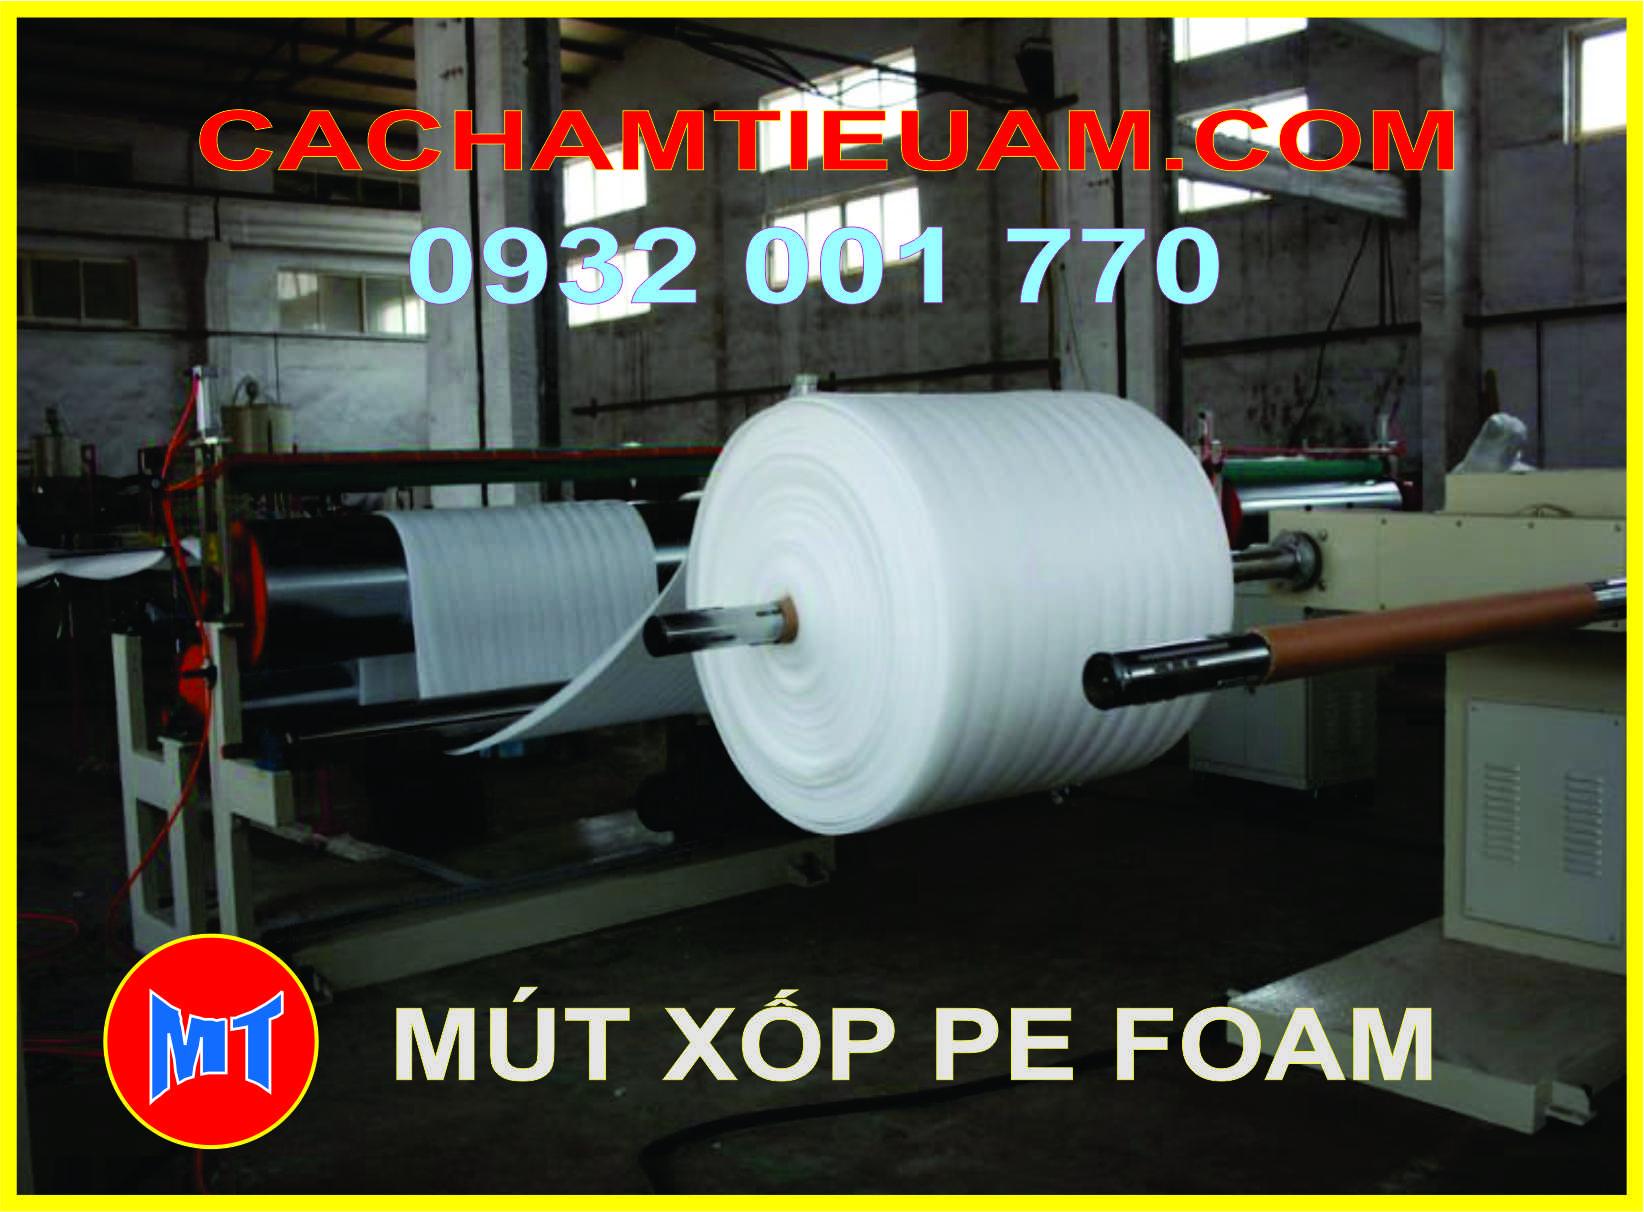 hình ảnh sản phẩm Màng PE foam bọc gói hàng dày 2mm - 2T